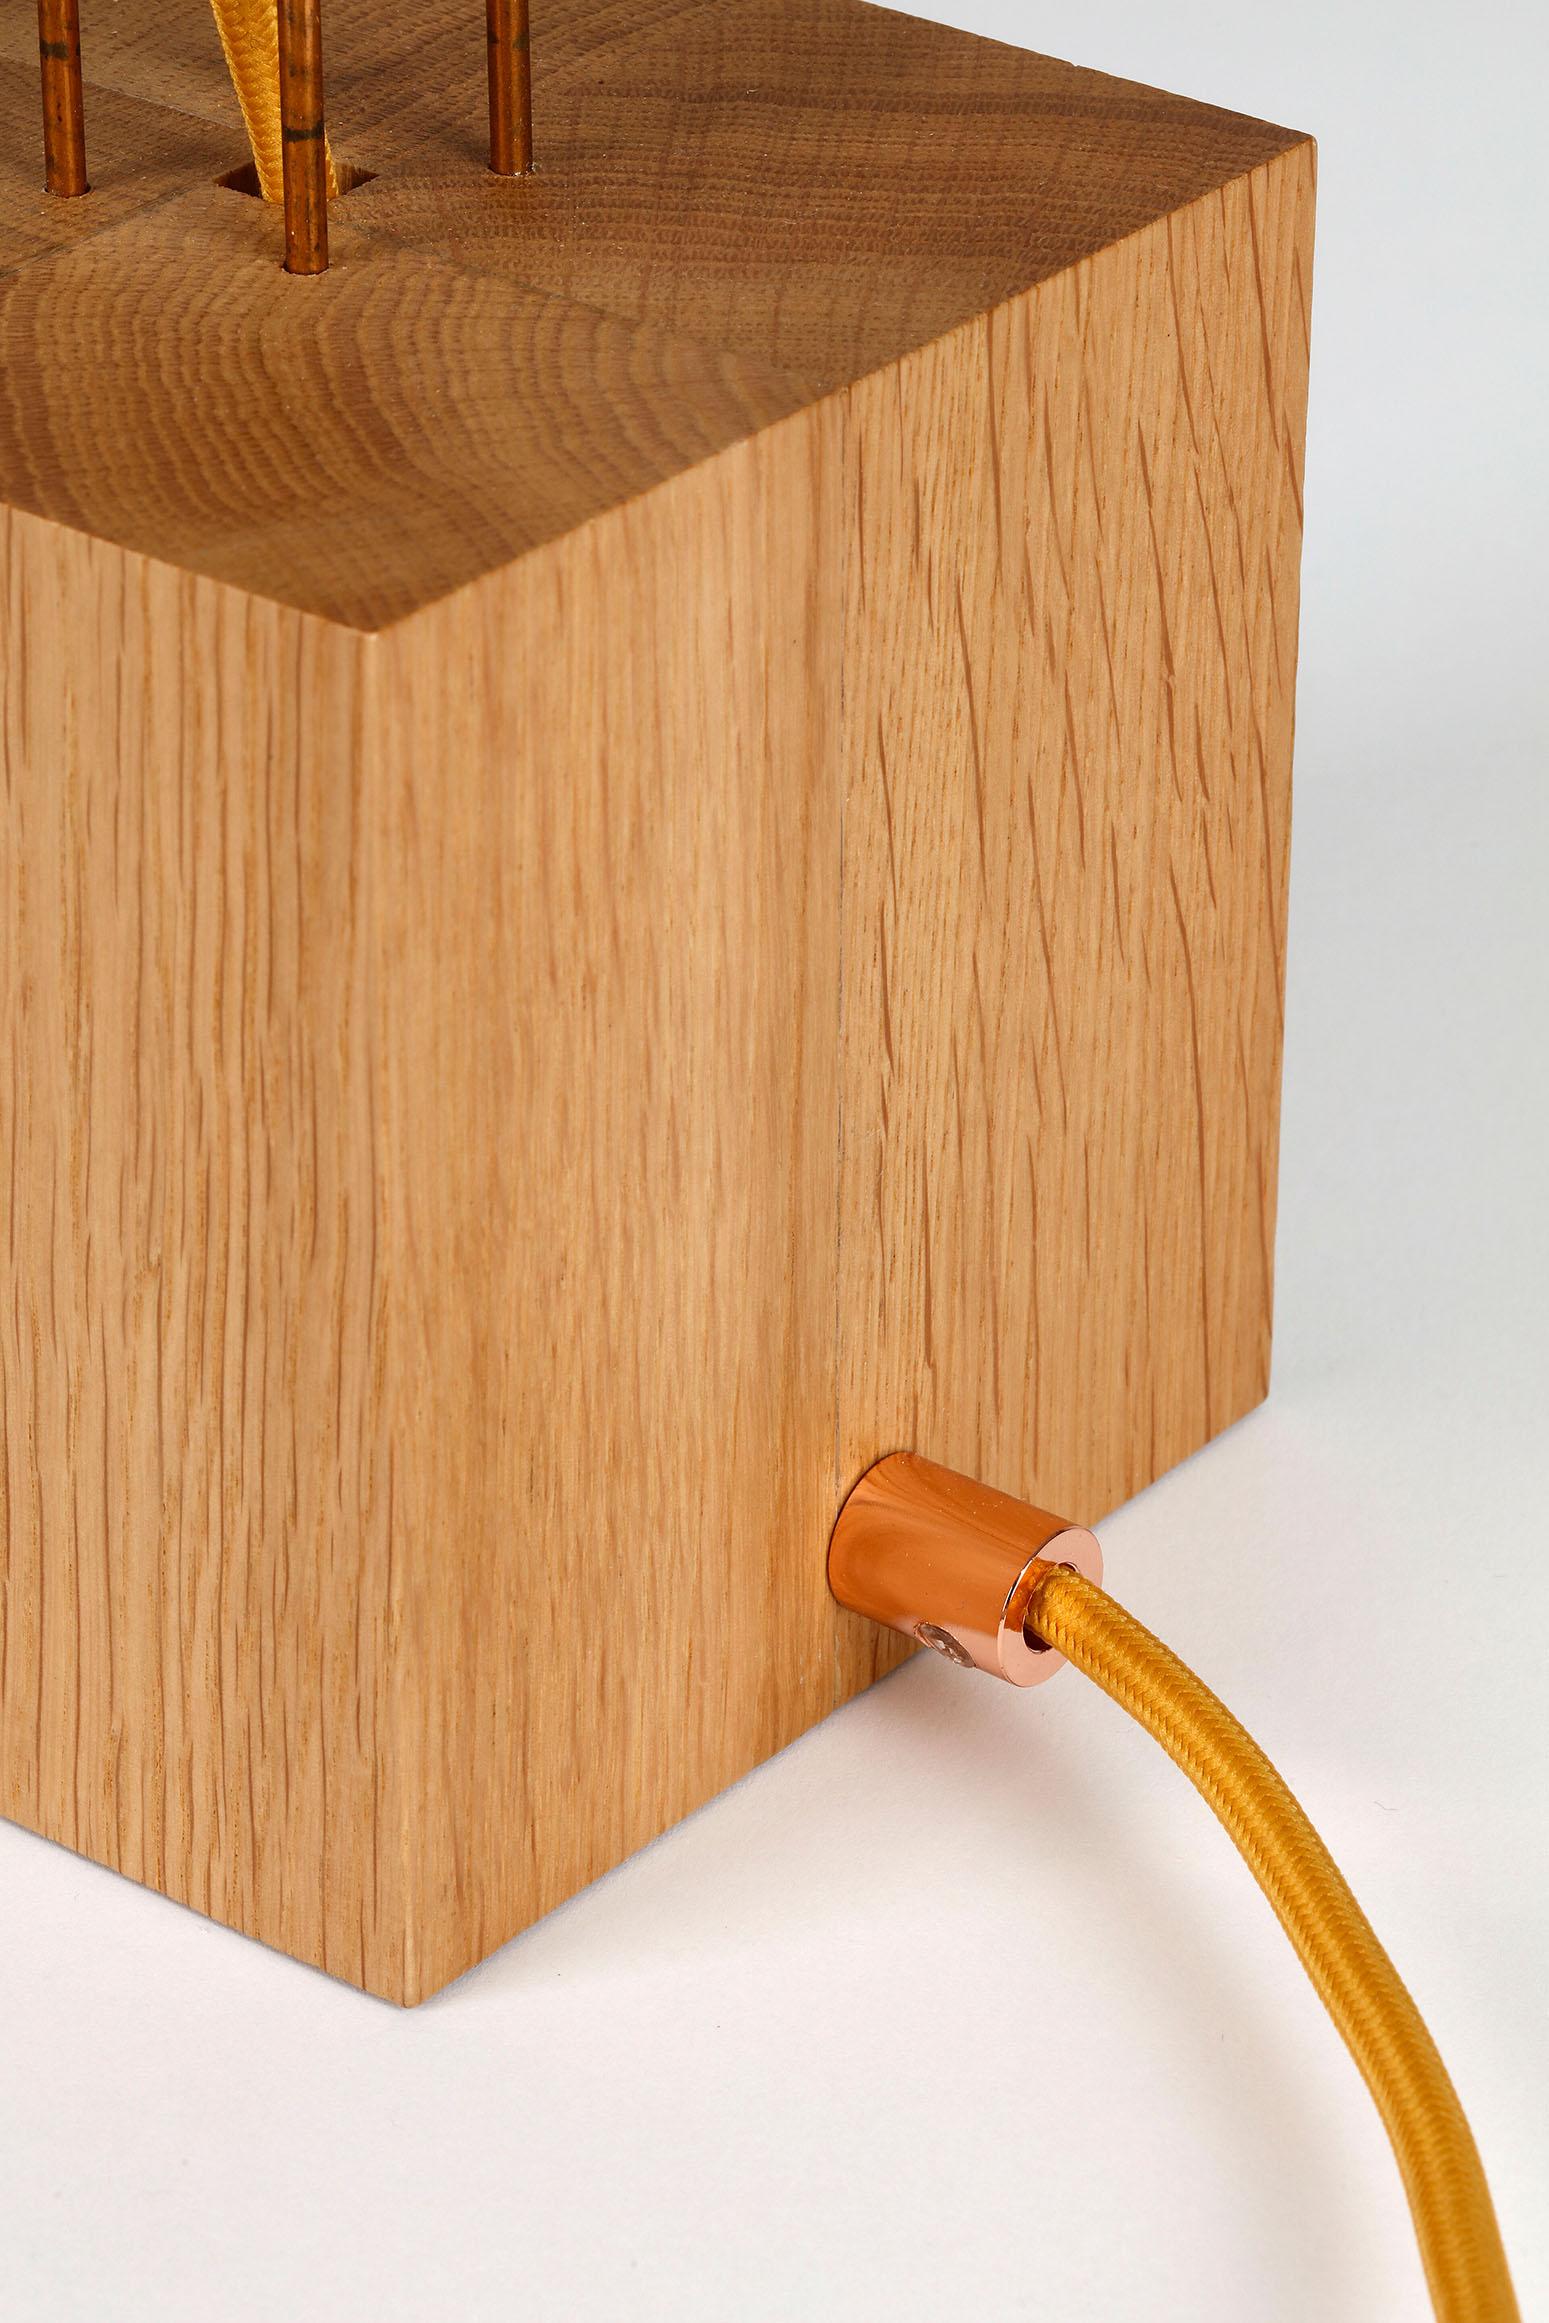 Lampe Olea, Millie Baudequin, détail socle chêne, serre fil cuivré.